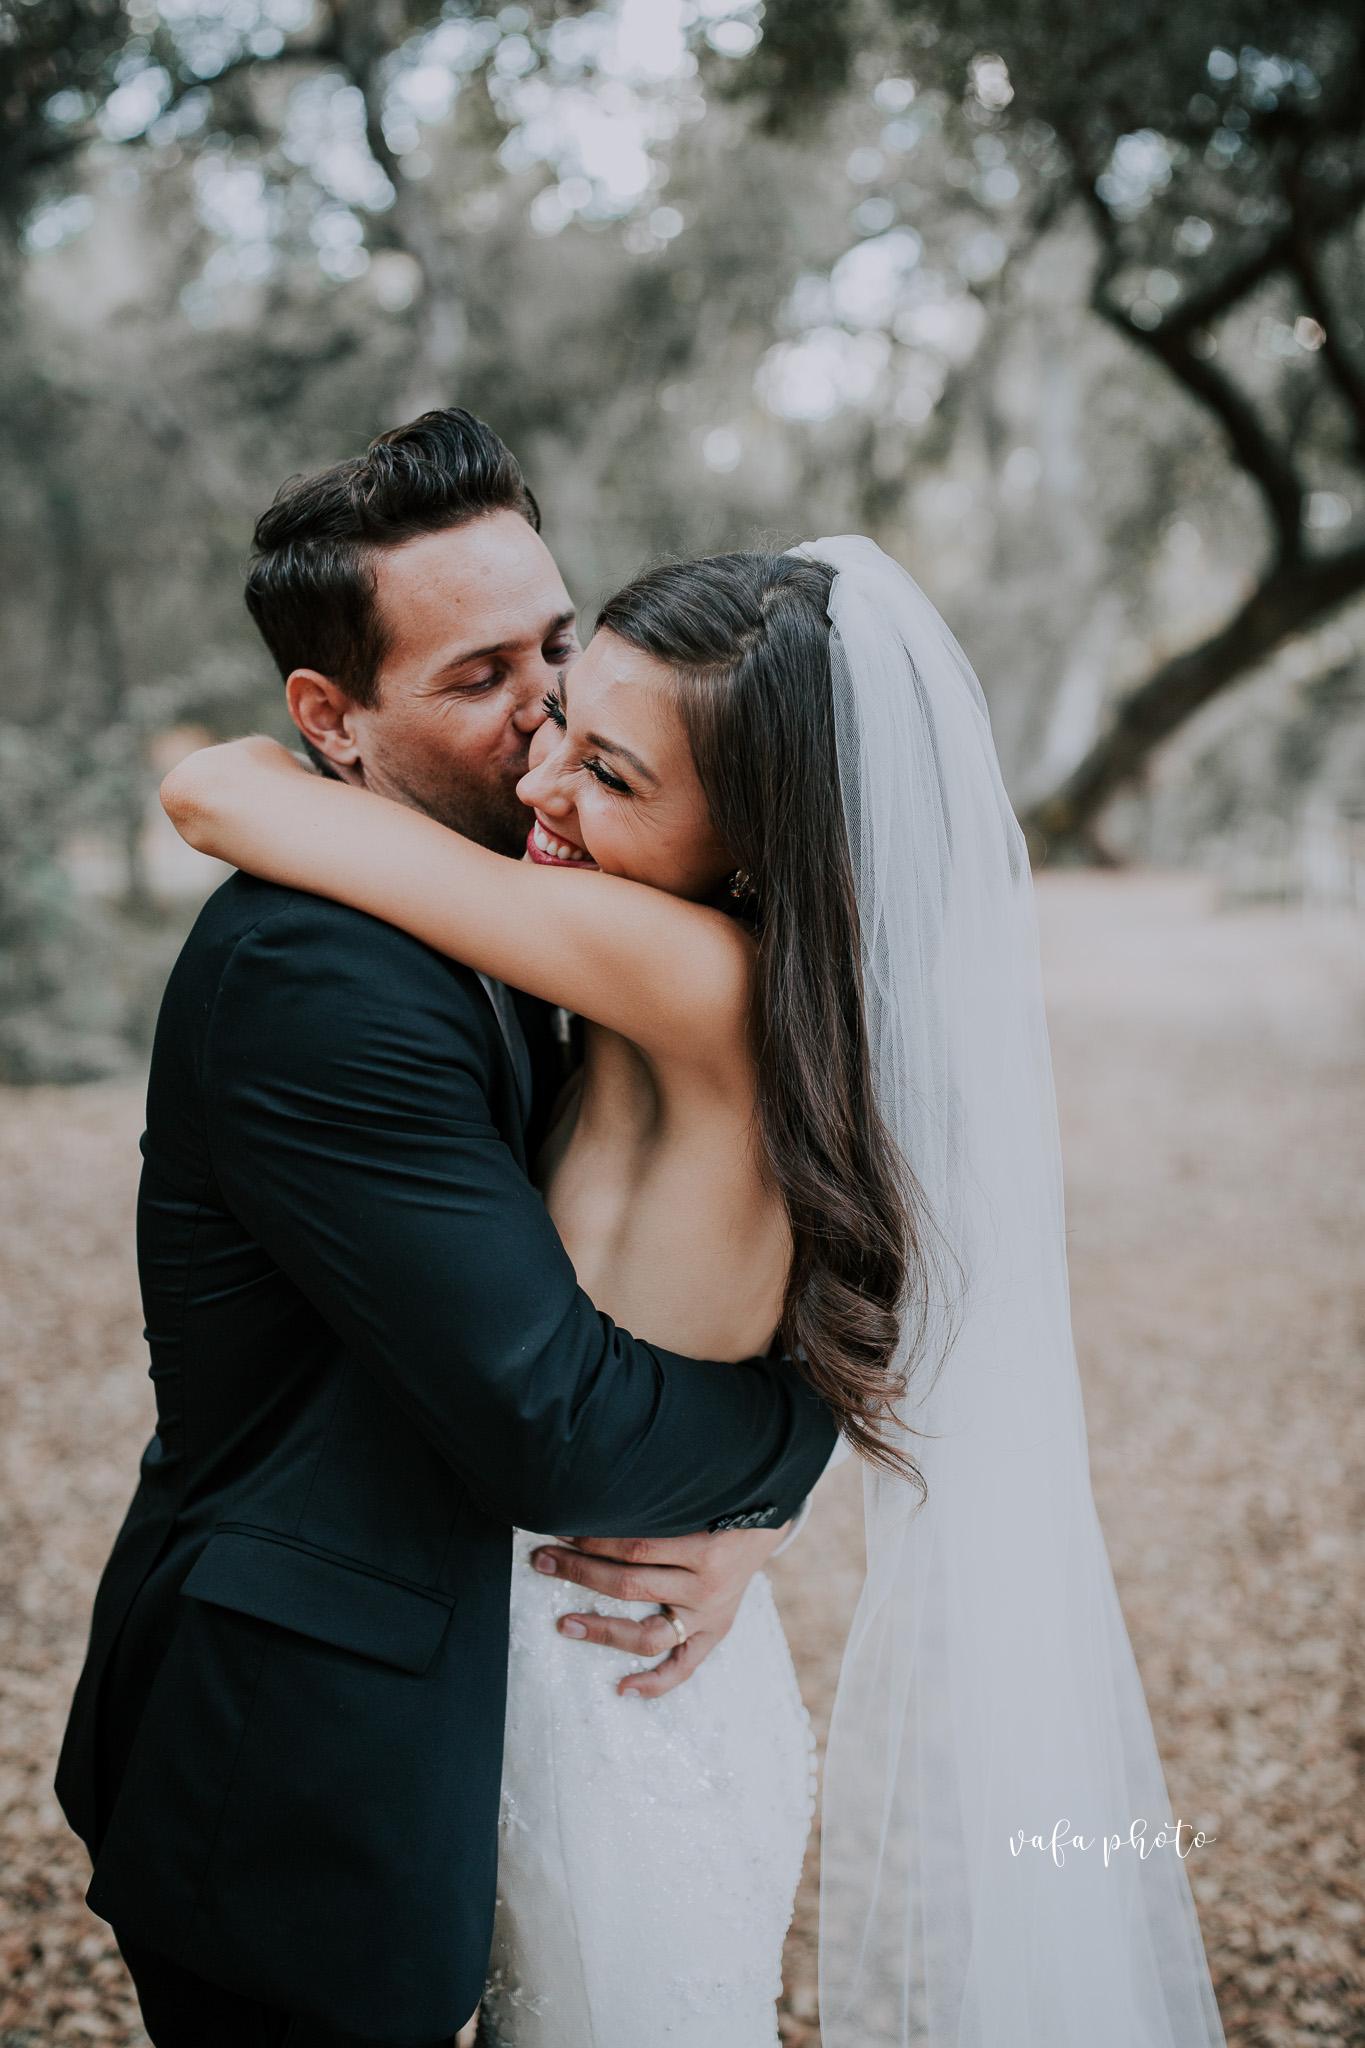 Southern-California-Wedding-Britt-Nilsson-Jeremy-Byrne-Vafa-Photo-547.jpg